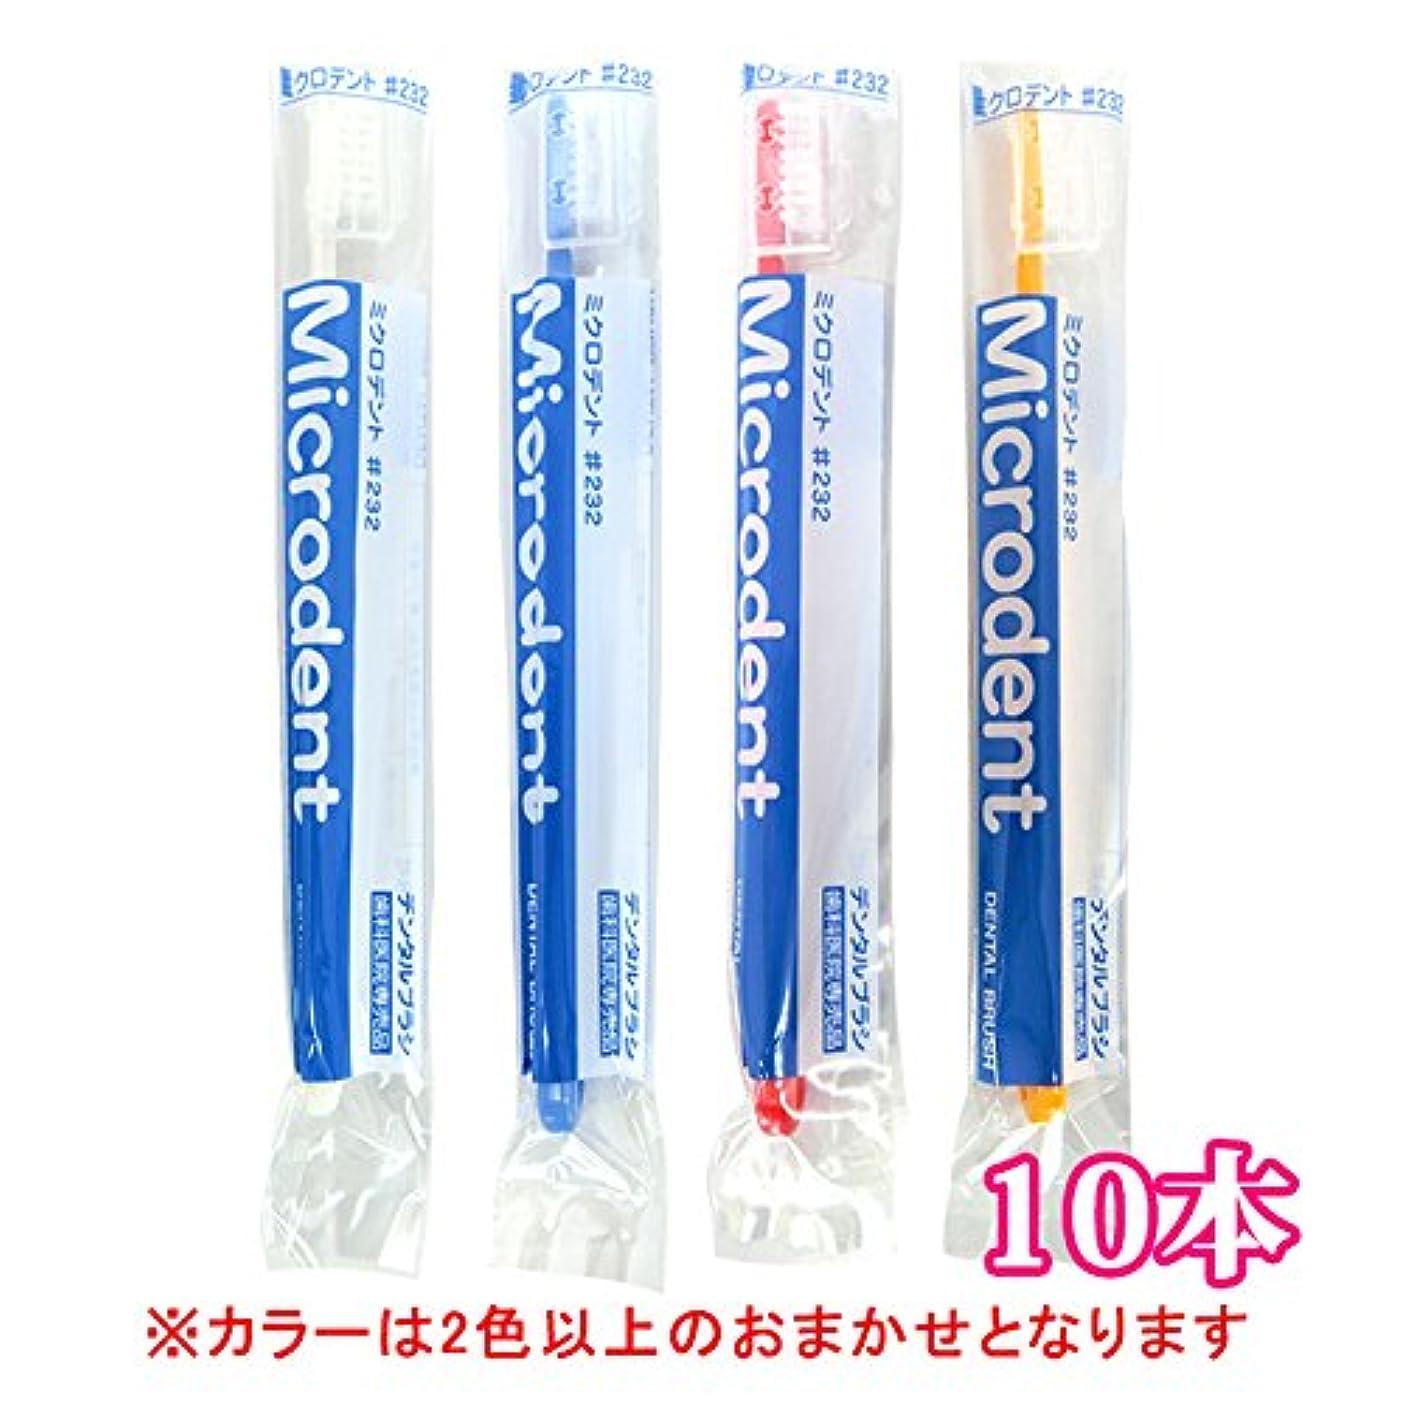 弓男光沢ミクロデント(Microdent) 10本 (#232)【毛の硬さ:ふつう】歯科専売品